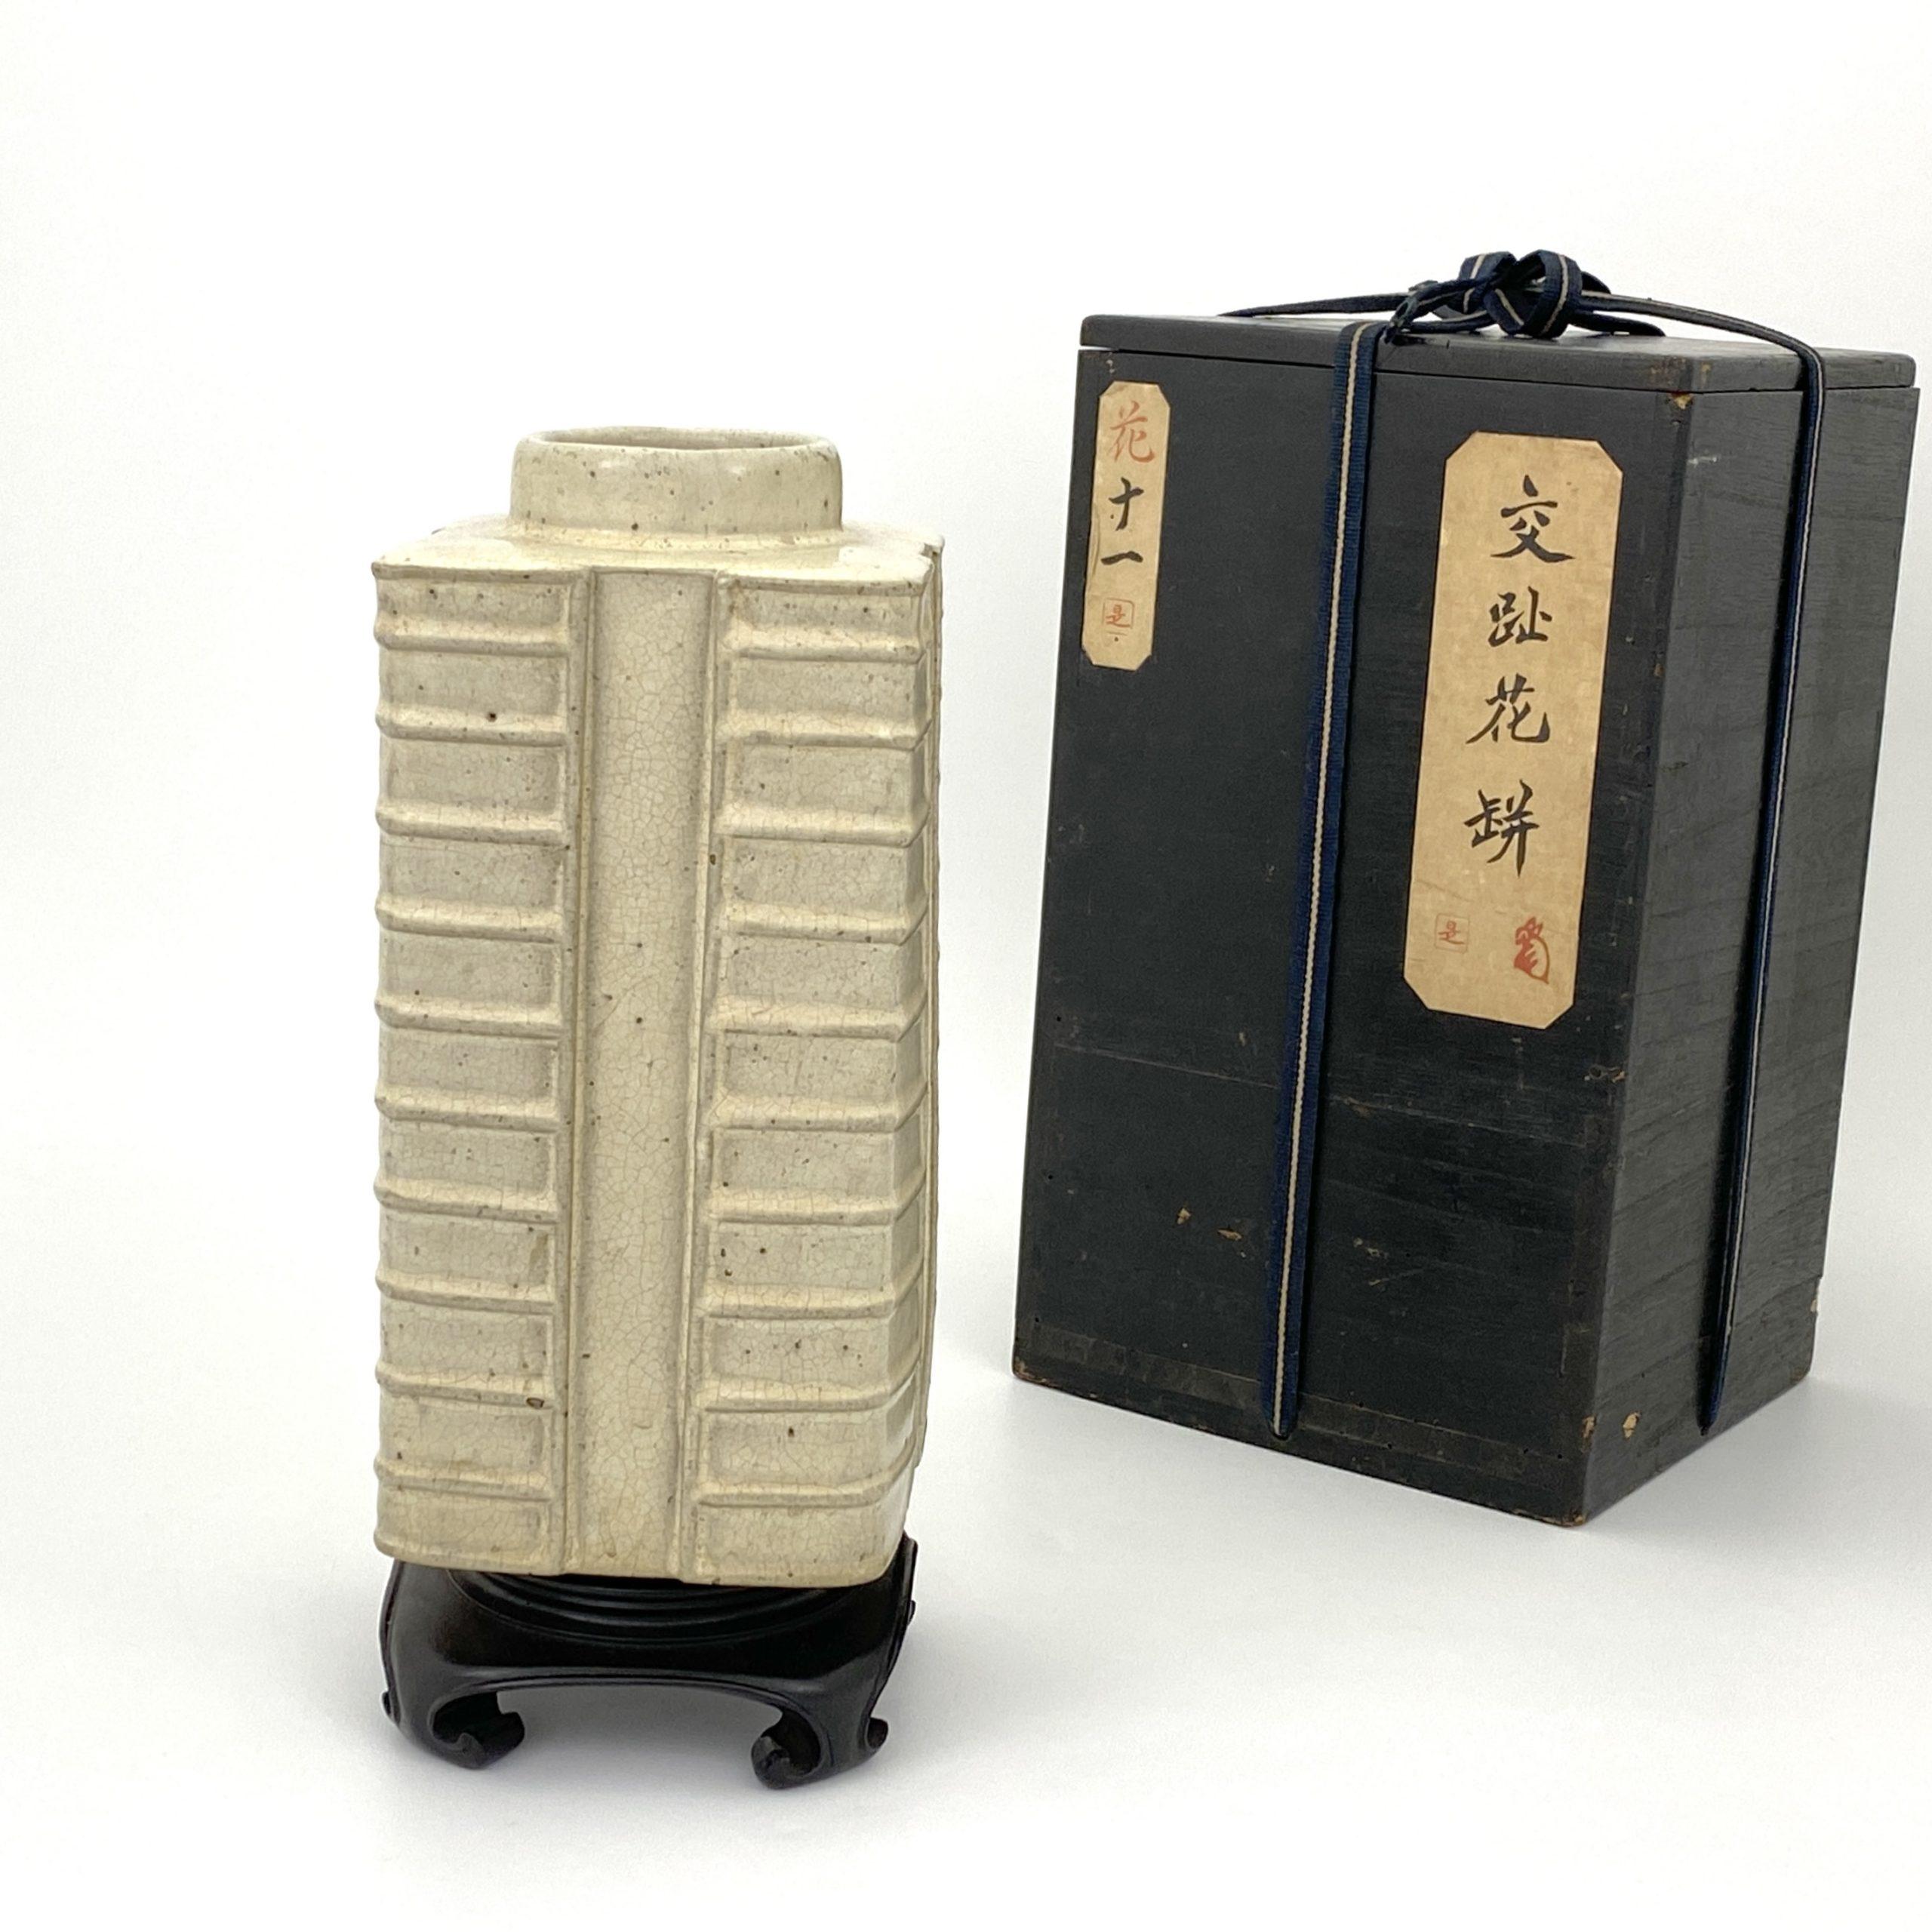 20071清中期 宜興白釉 八卦琮式 瓶